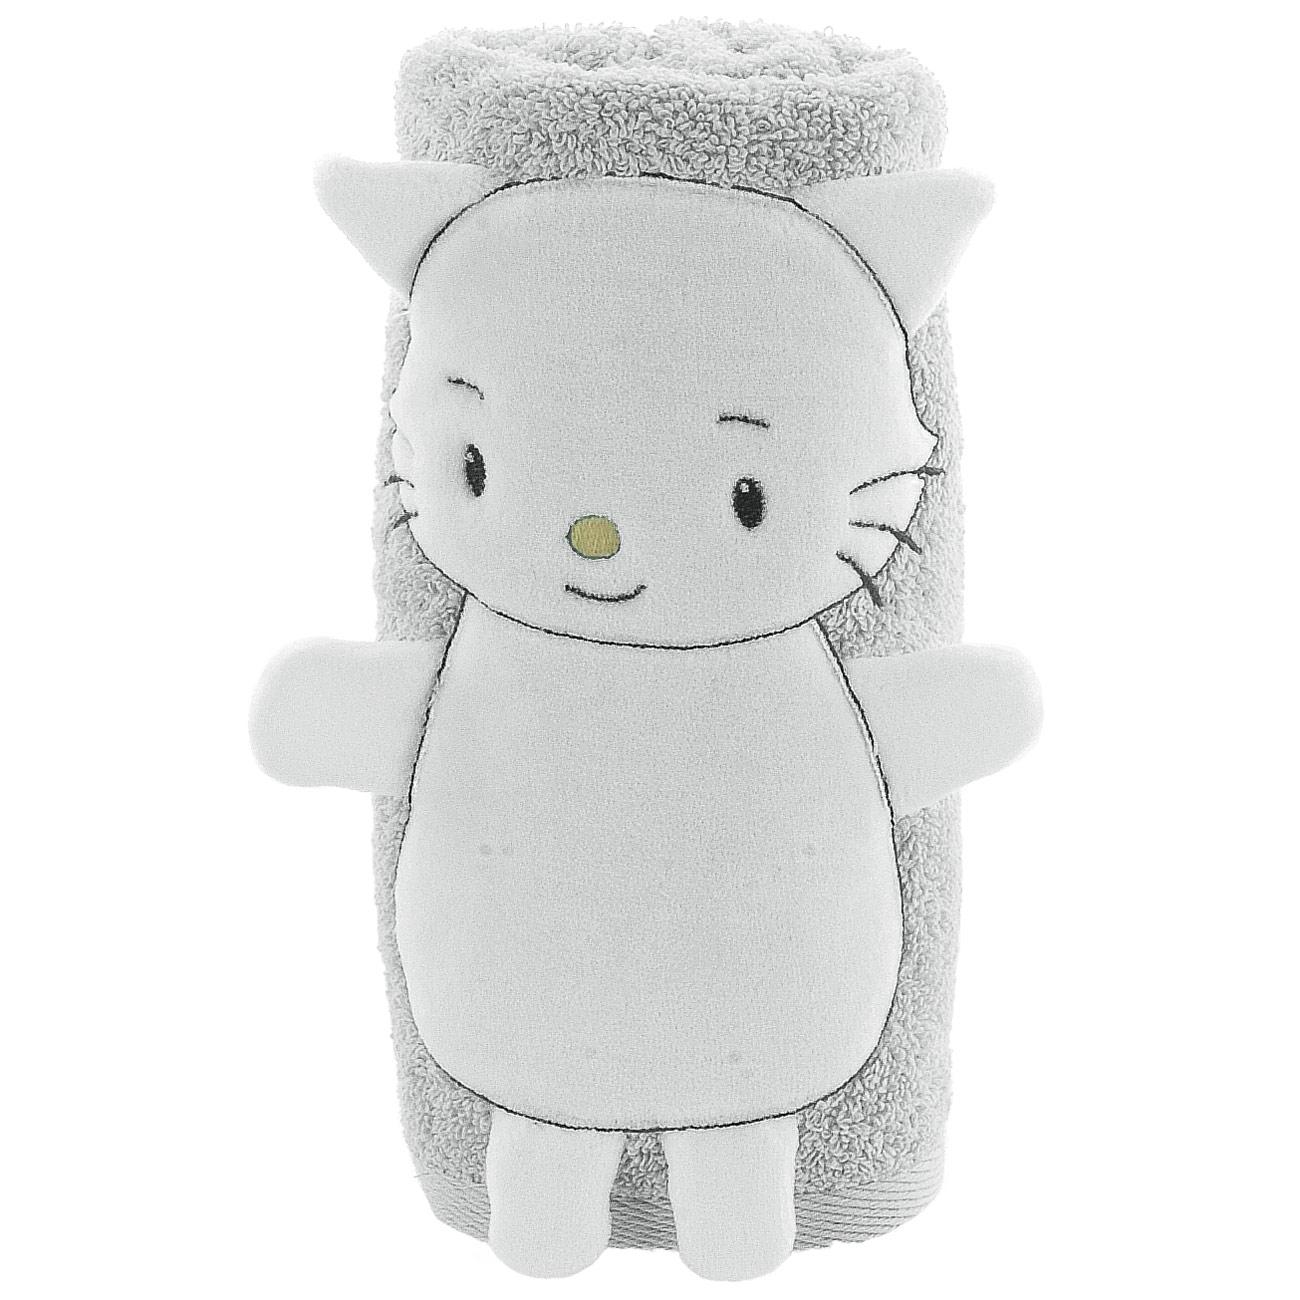 serviette de bain petit chat rigolo glacier homebain vente en ligne serviettes de toilettes. Black Bedroom Furniture Sets. Home Design Ideas